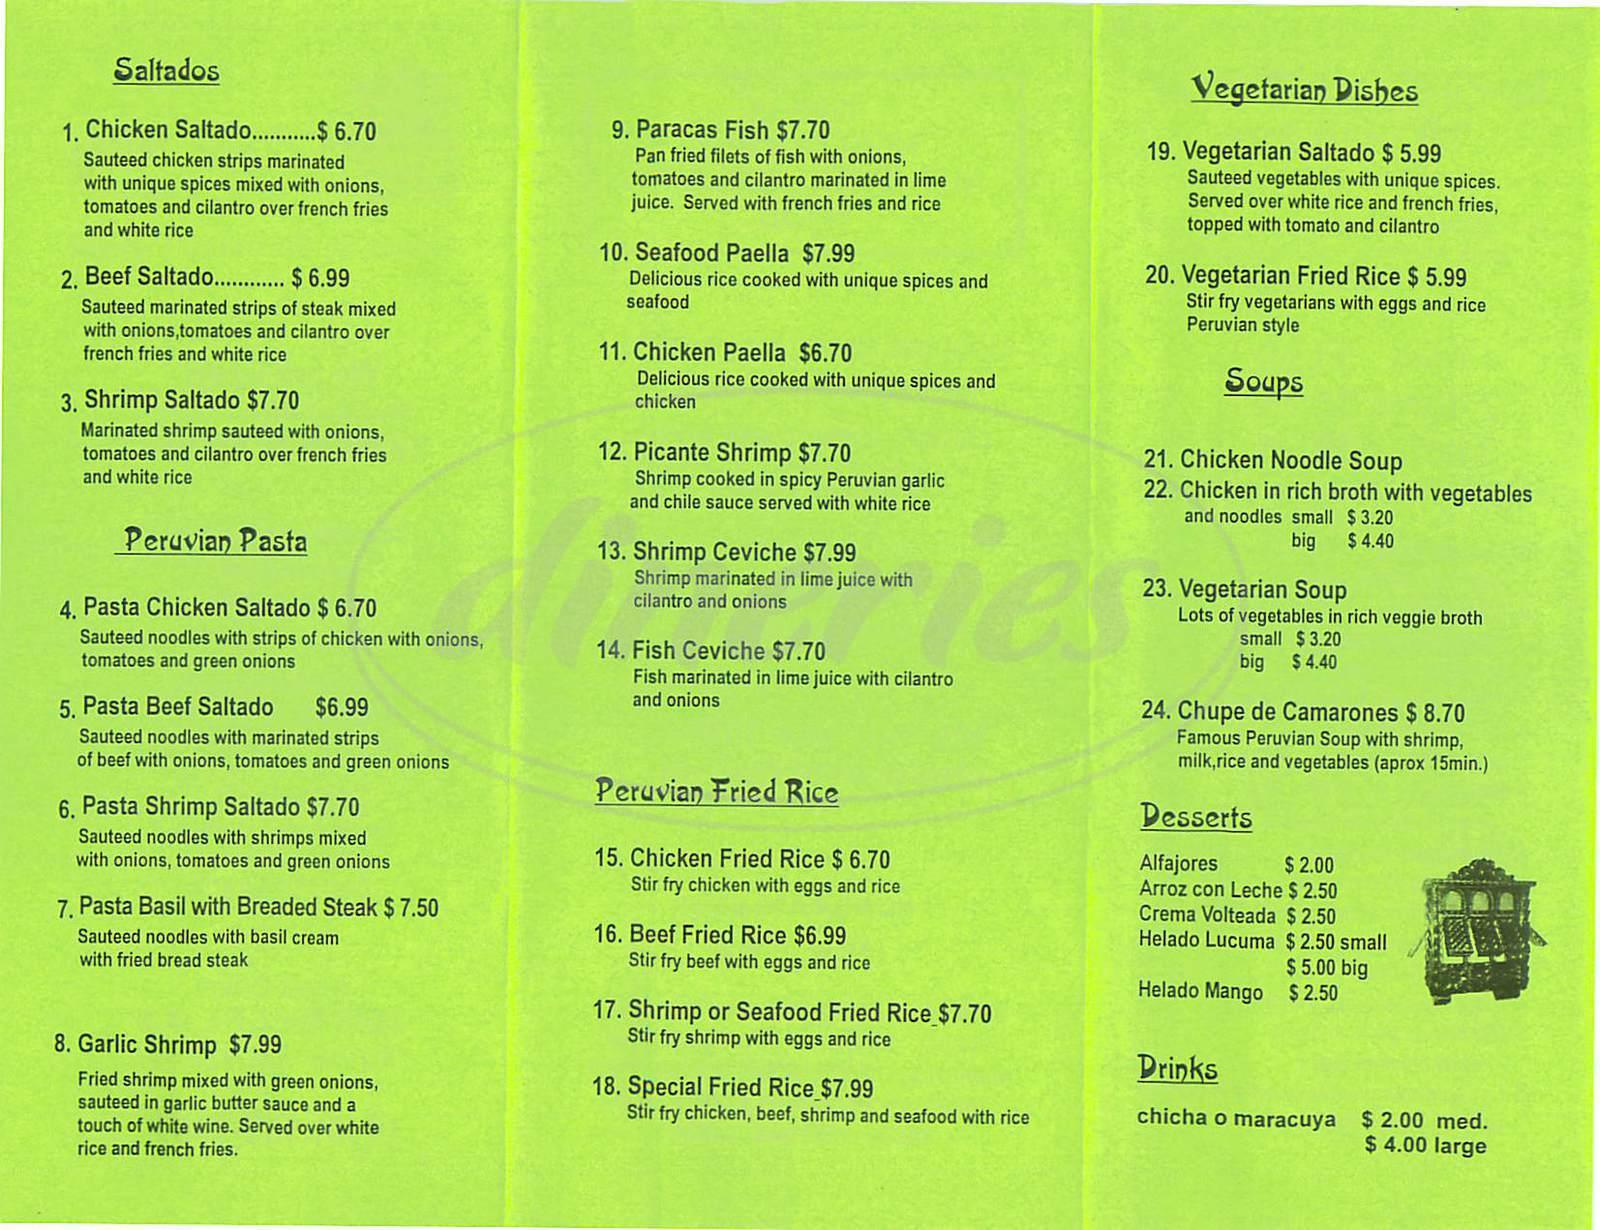 menu for Lima City